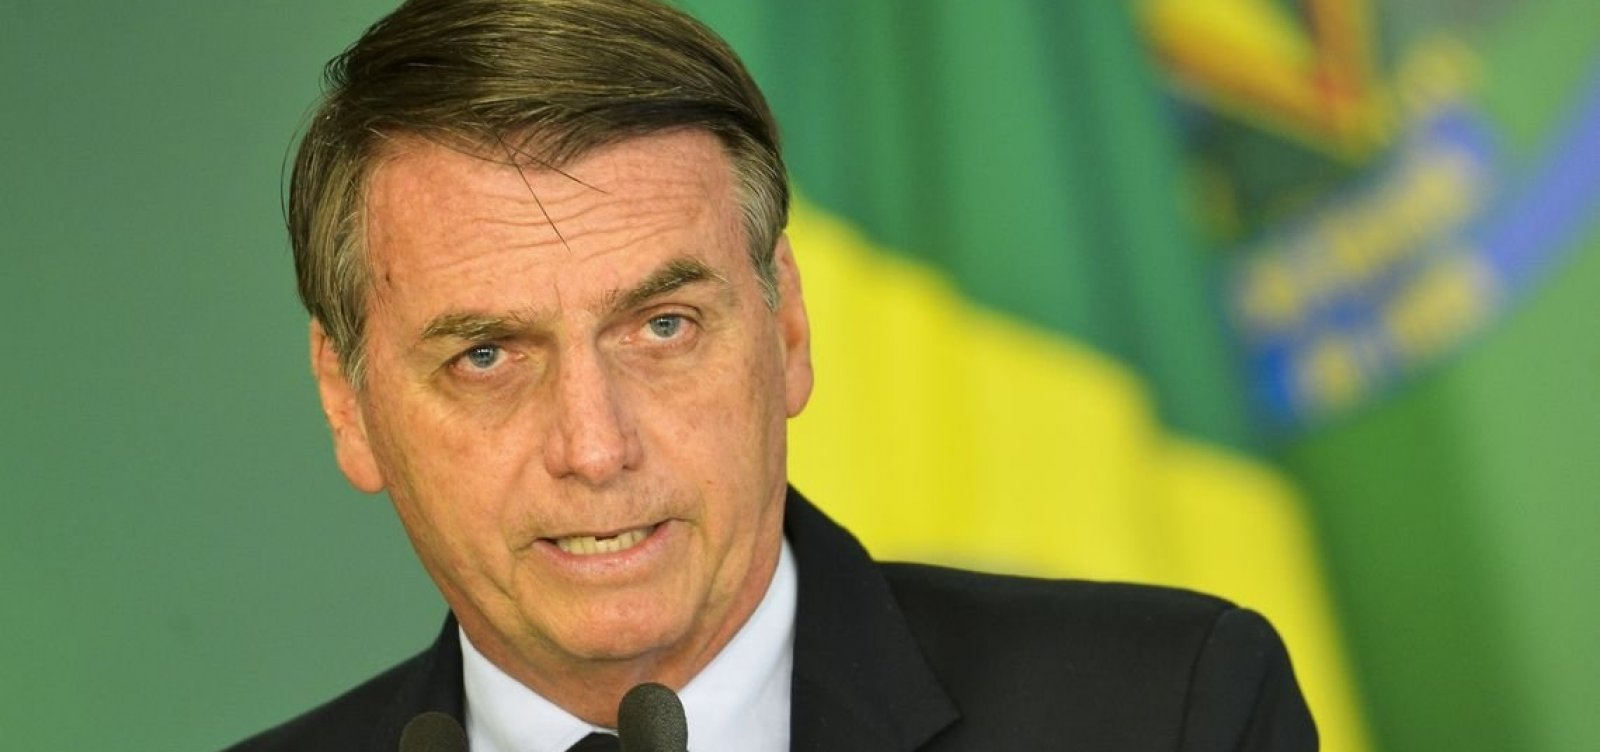 Partidos dizem que governo quer desmontar Centrão e desconfiam de pacto